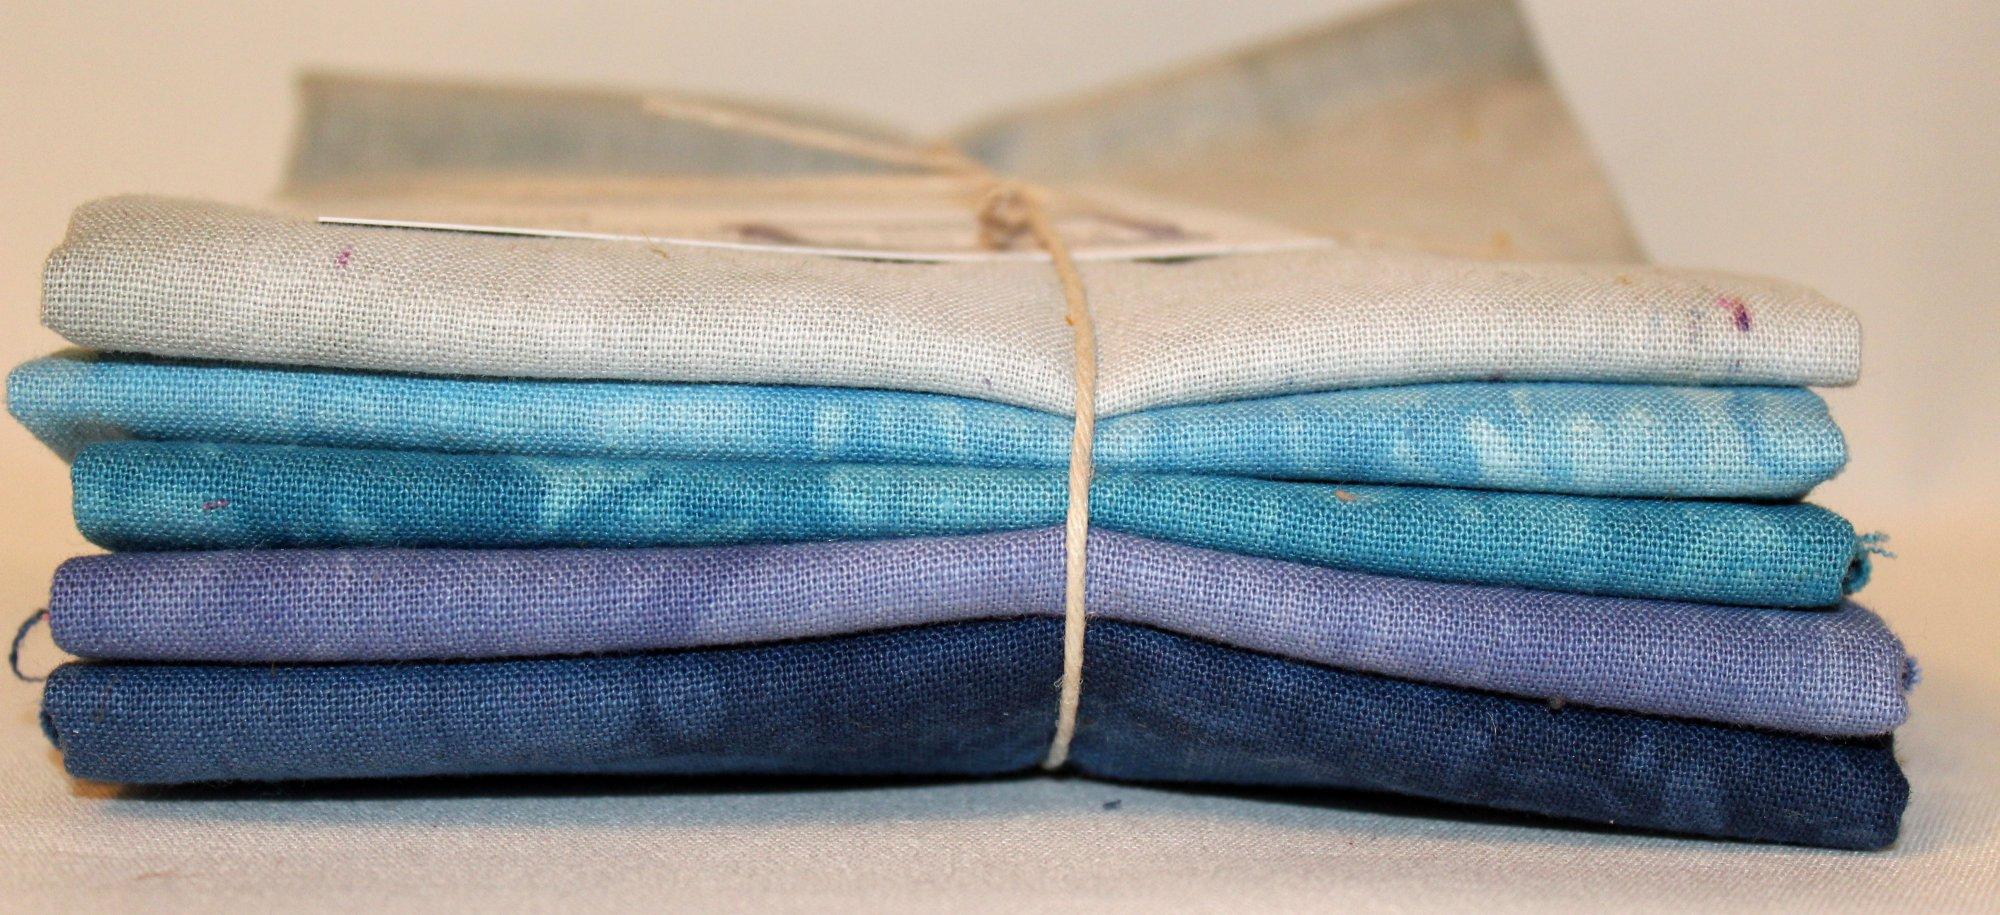 Ocean Waves Hand-dyed Linen Fat Quarter 5pc Set